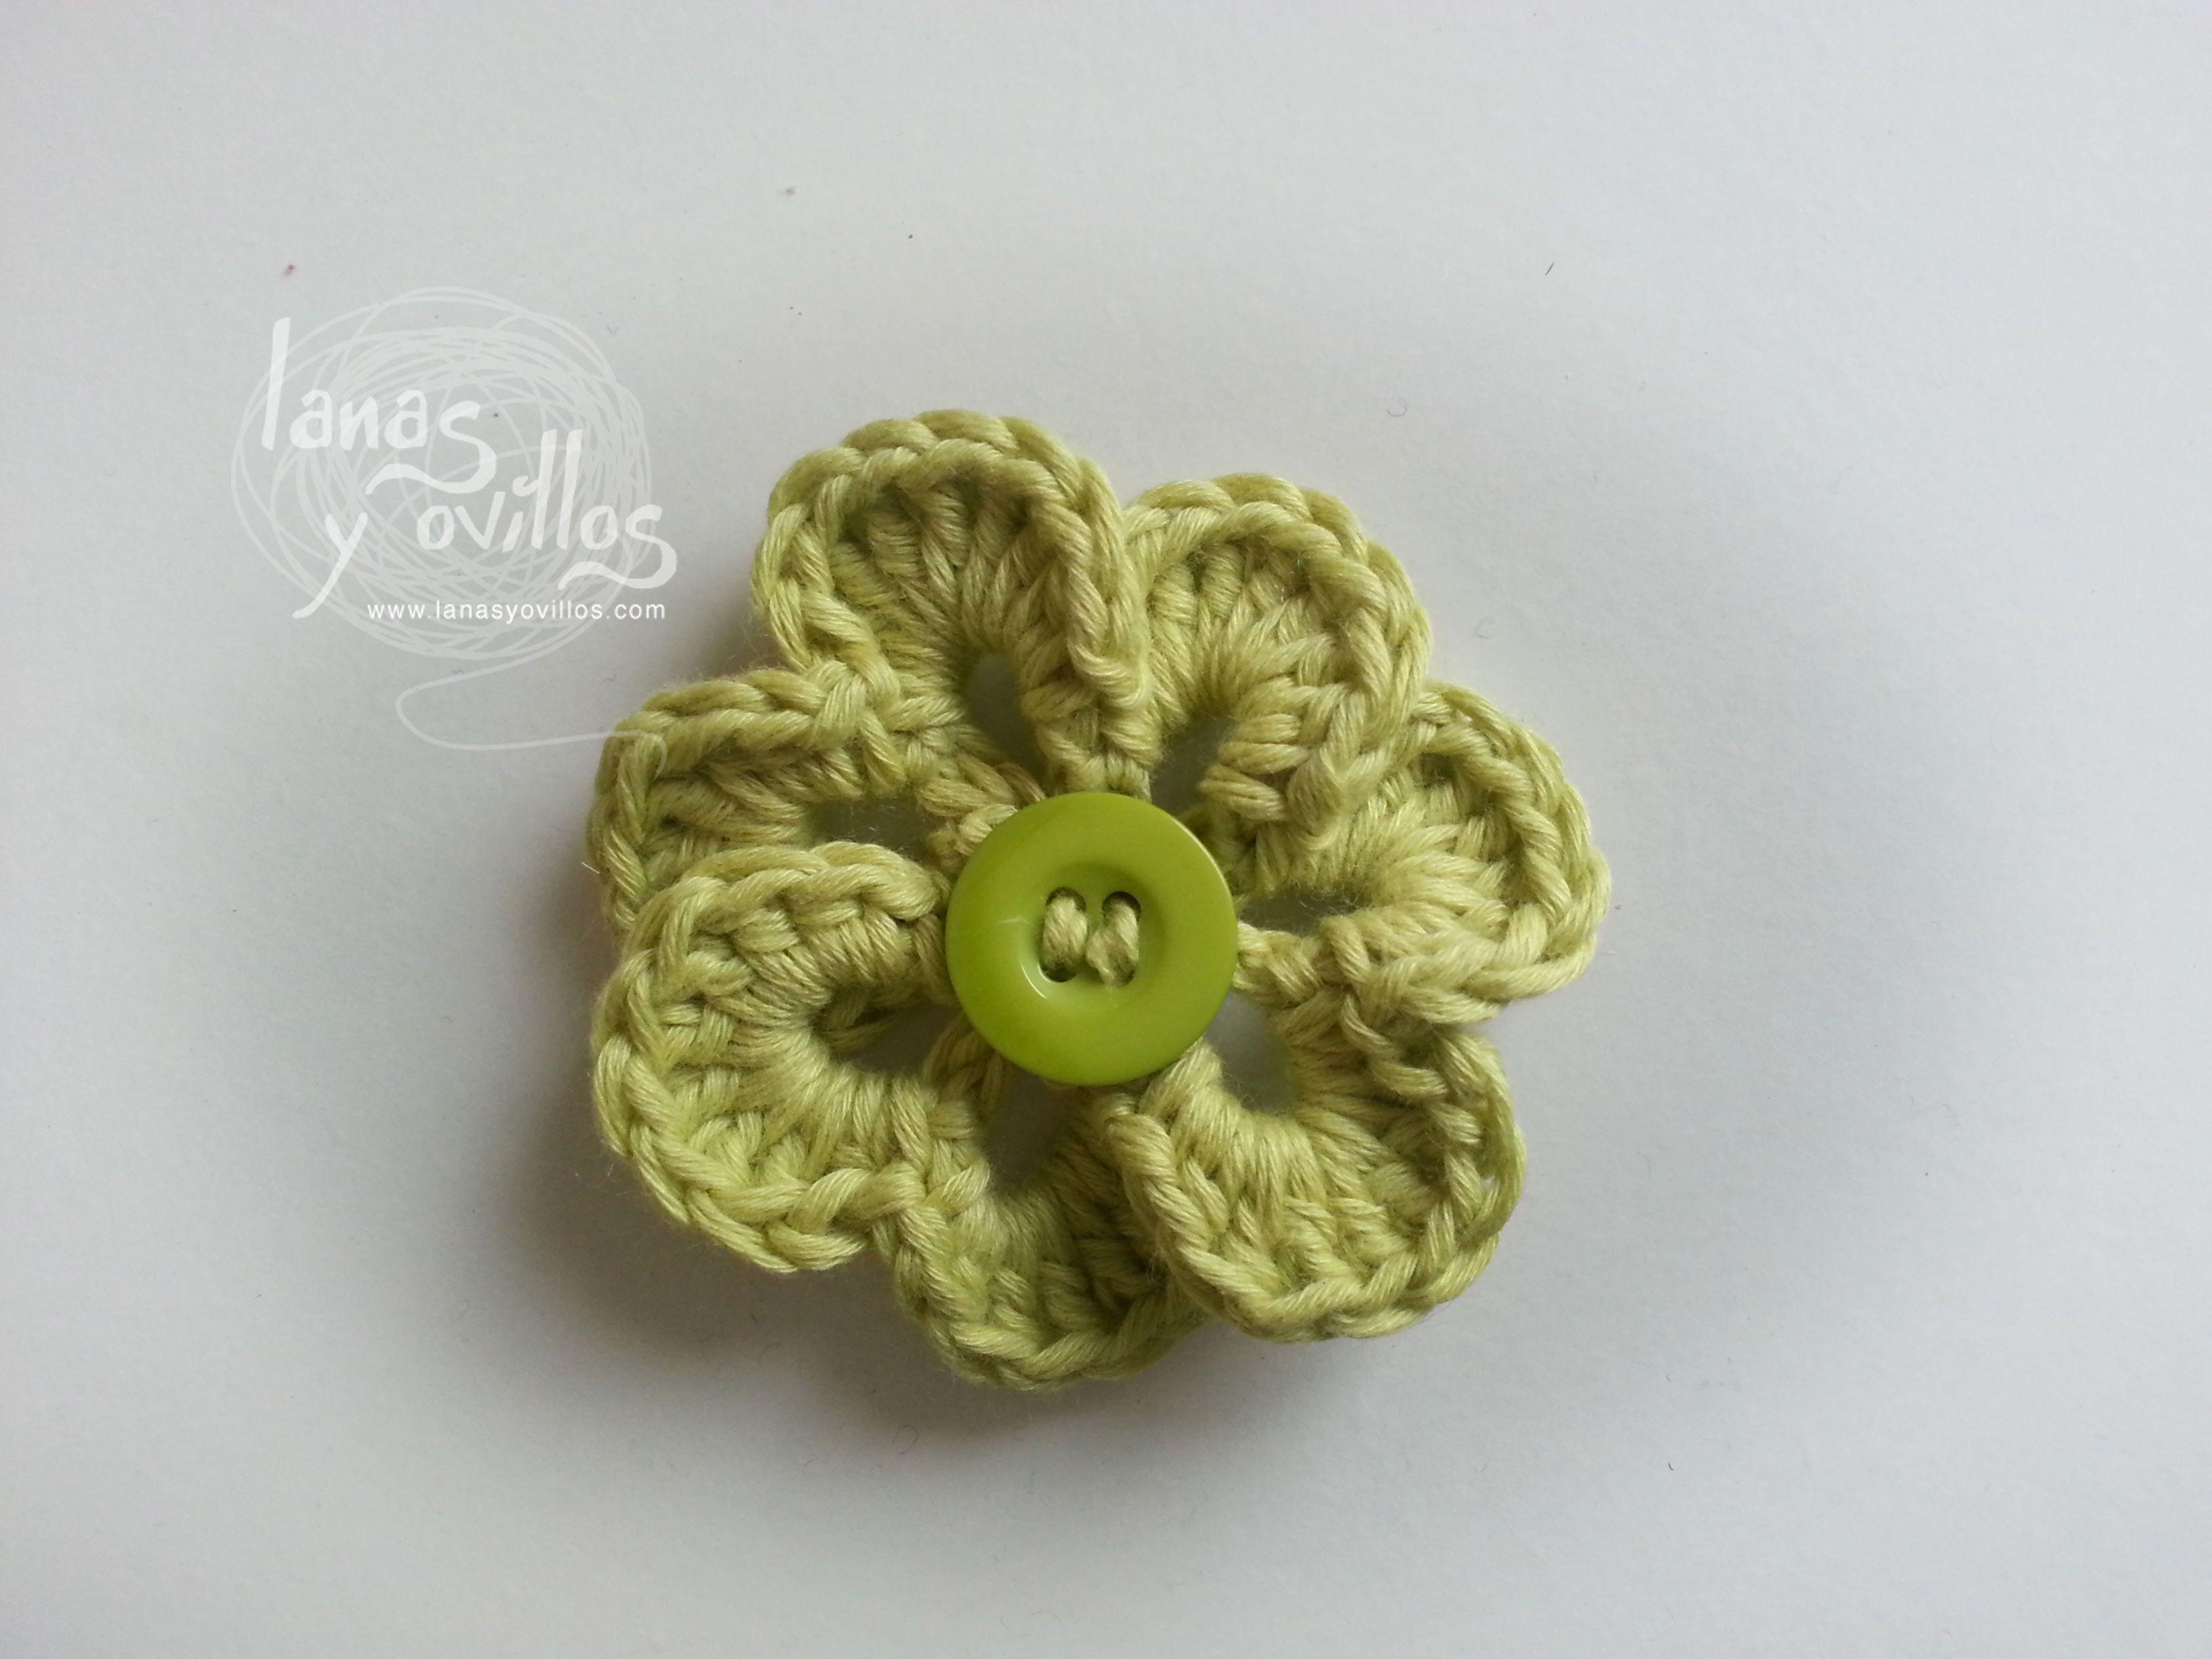 flor crochet patron gratis ganchillo | flores crochet | Pinterest ...